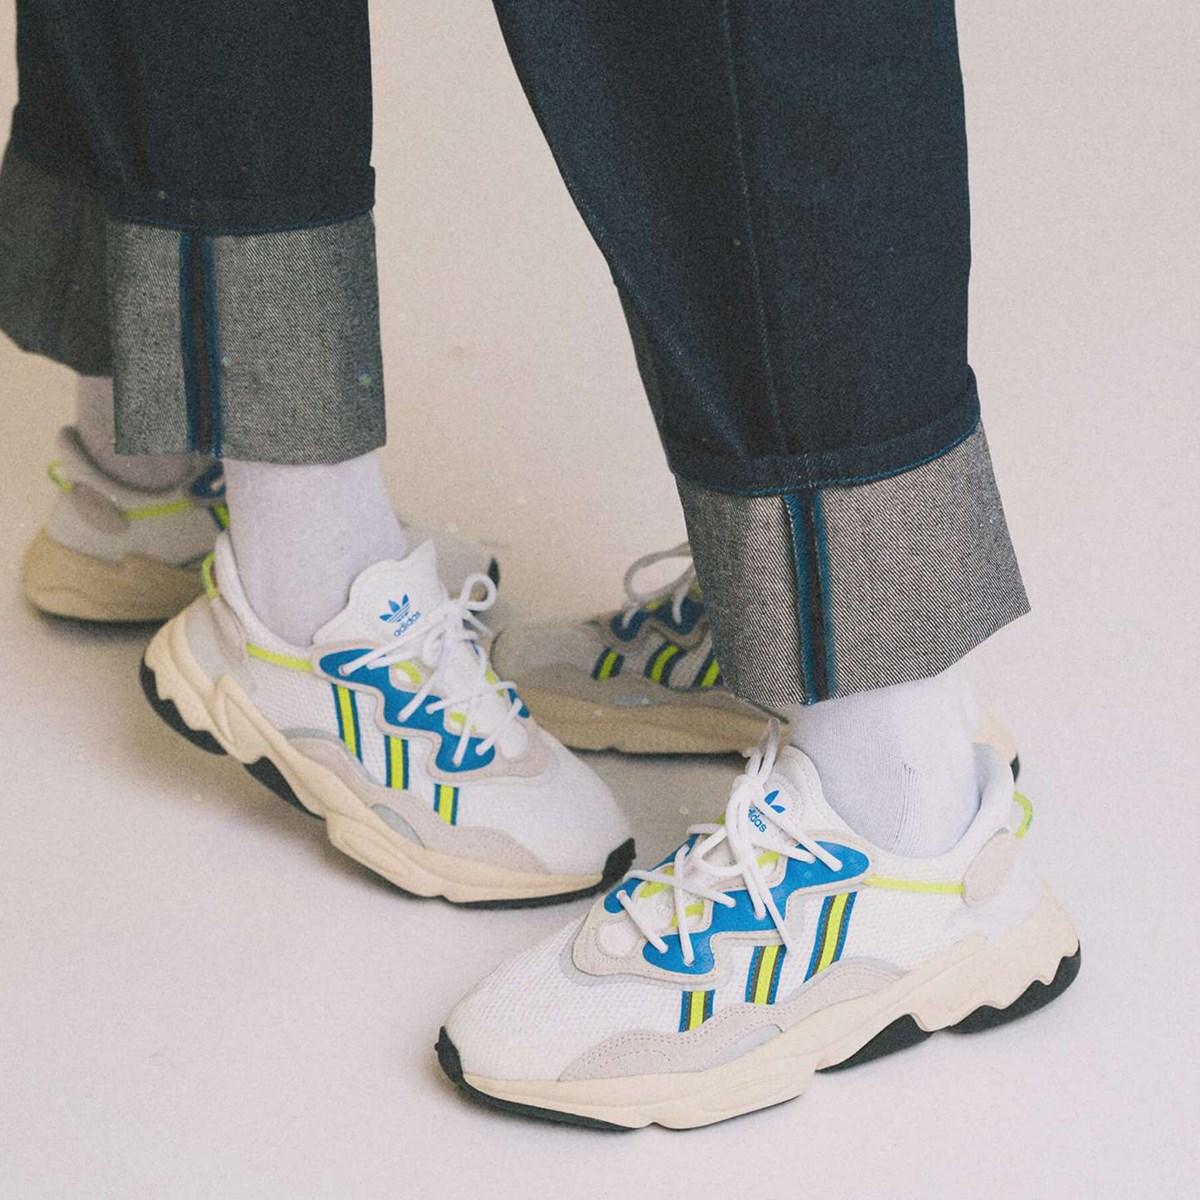 adidas Ozweego Ee7009 Sneakersnstuff | sneakers & streetwear online since 1999